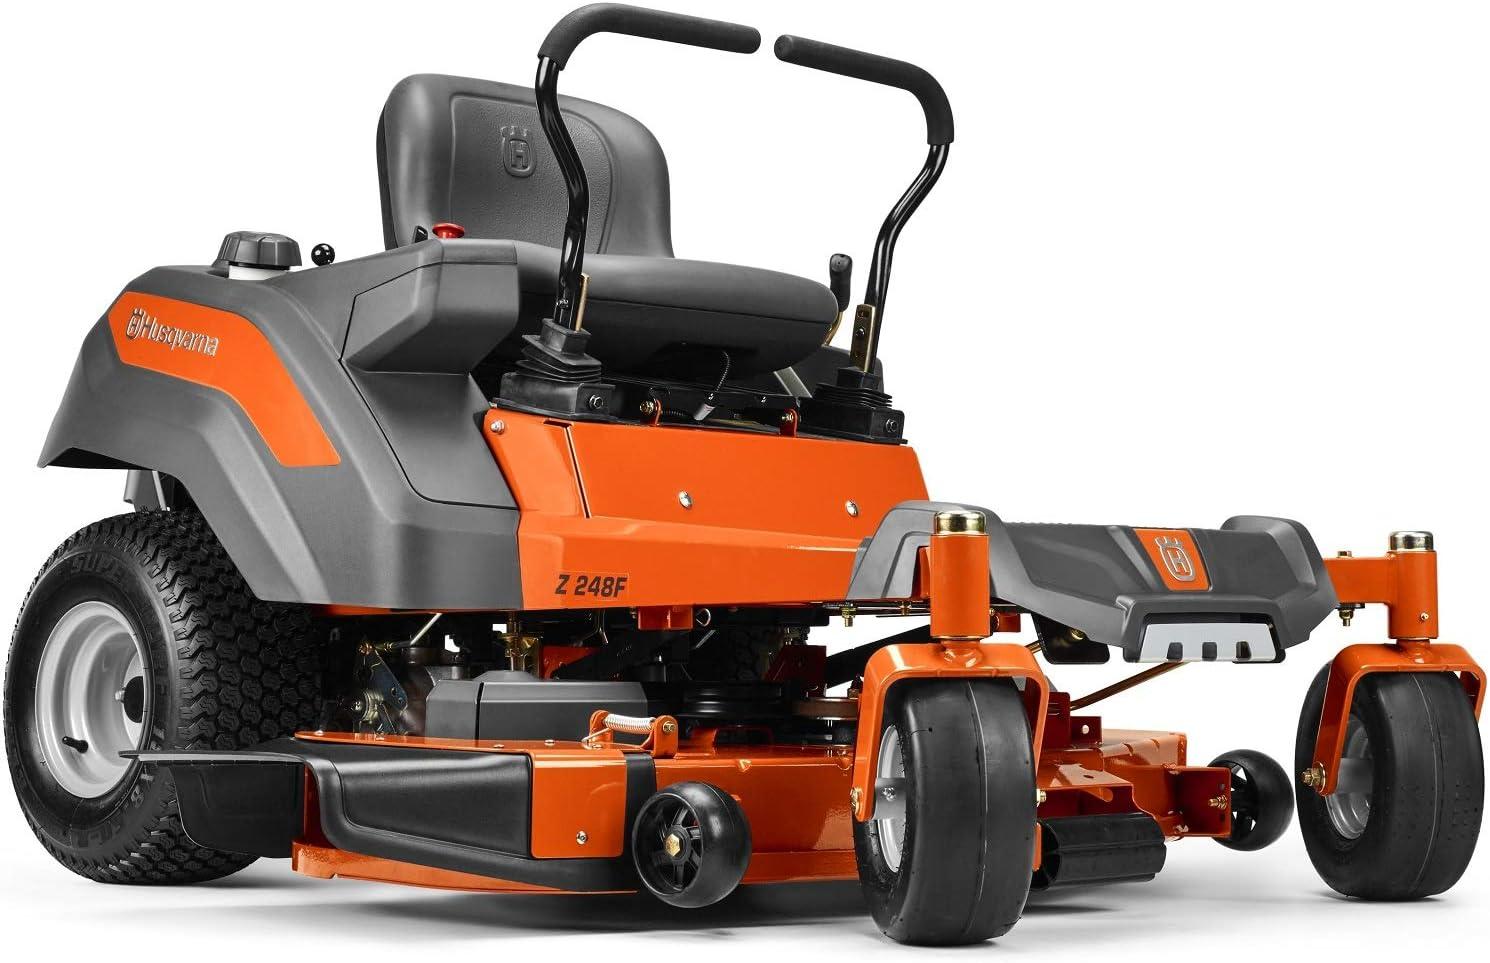 Husqvarna Z248F - Best high-end Garden Tractor